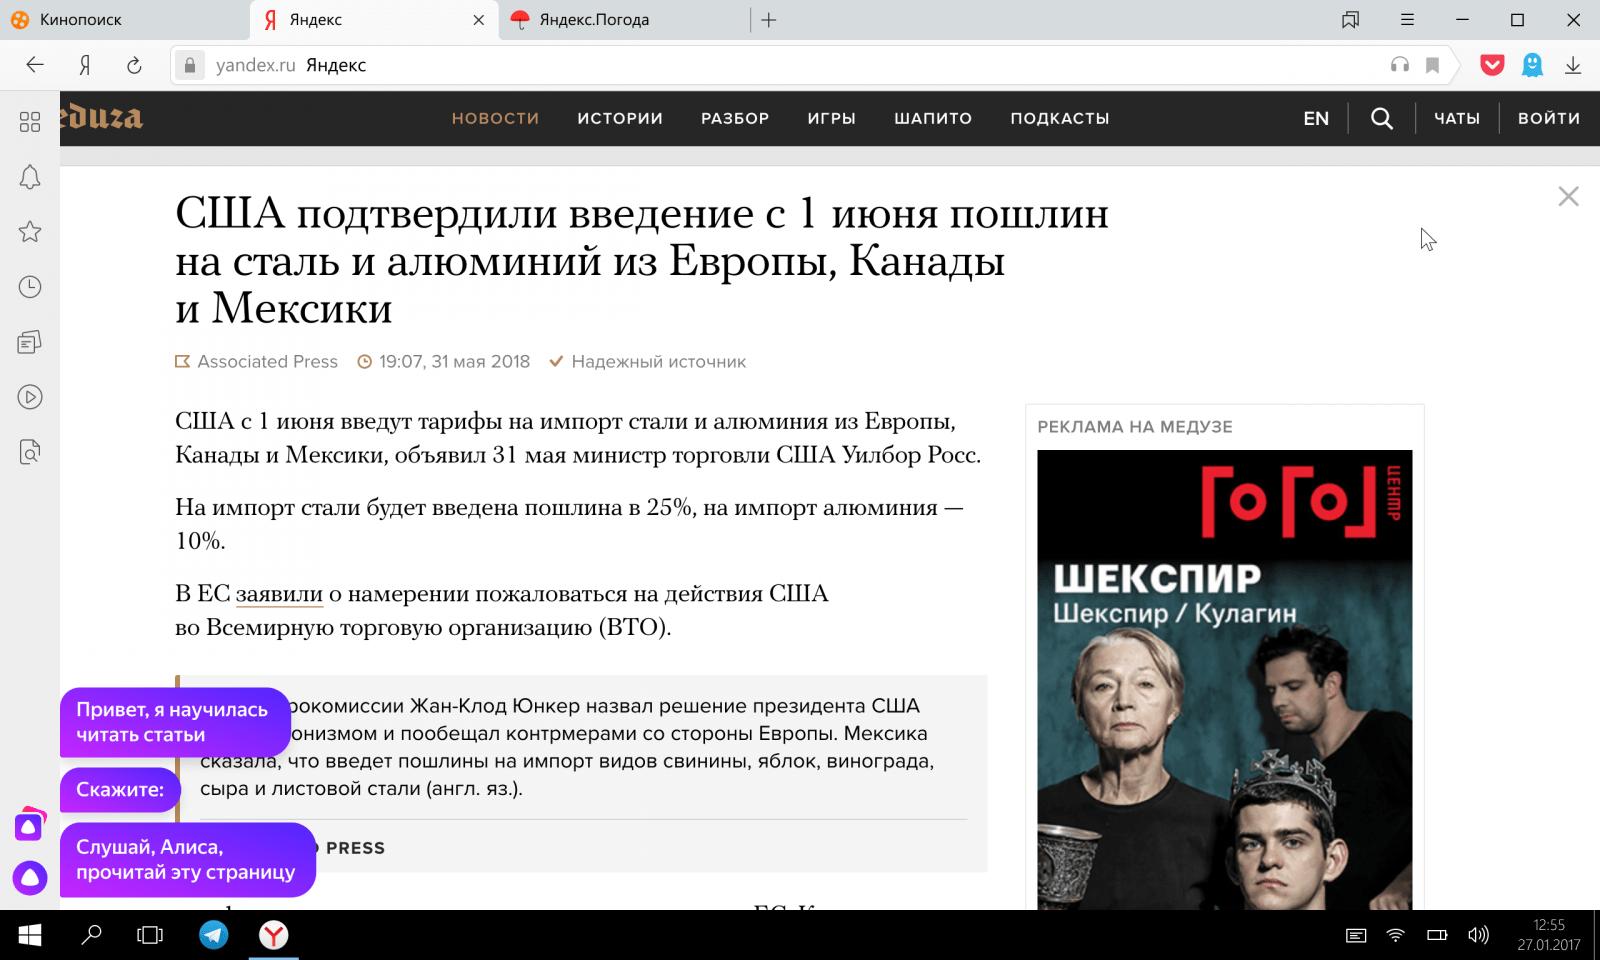 Алиса прочитает тексты в Яндекс.Браузере вслух (10)